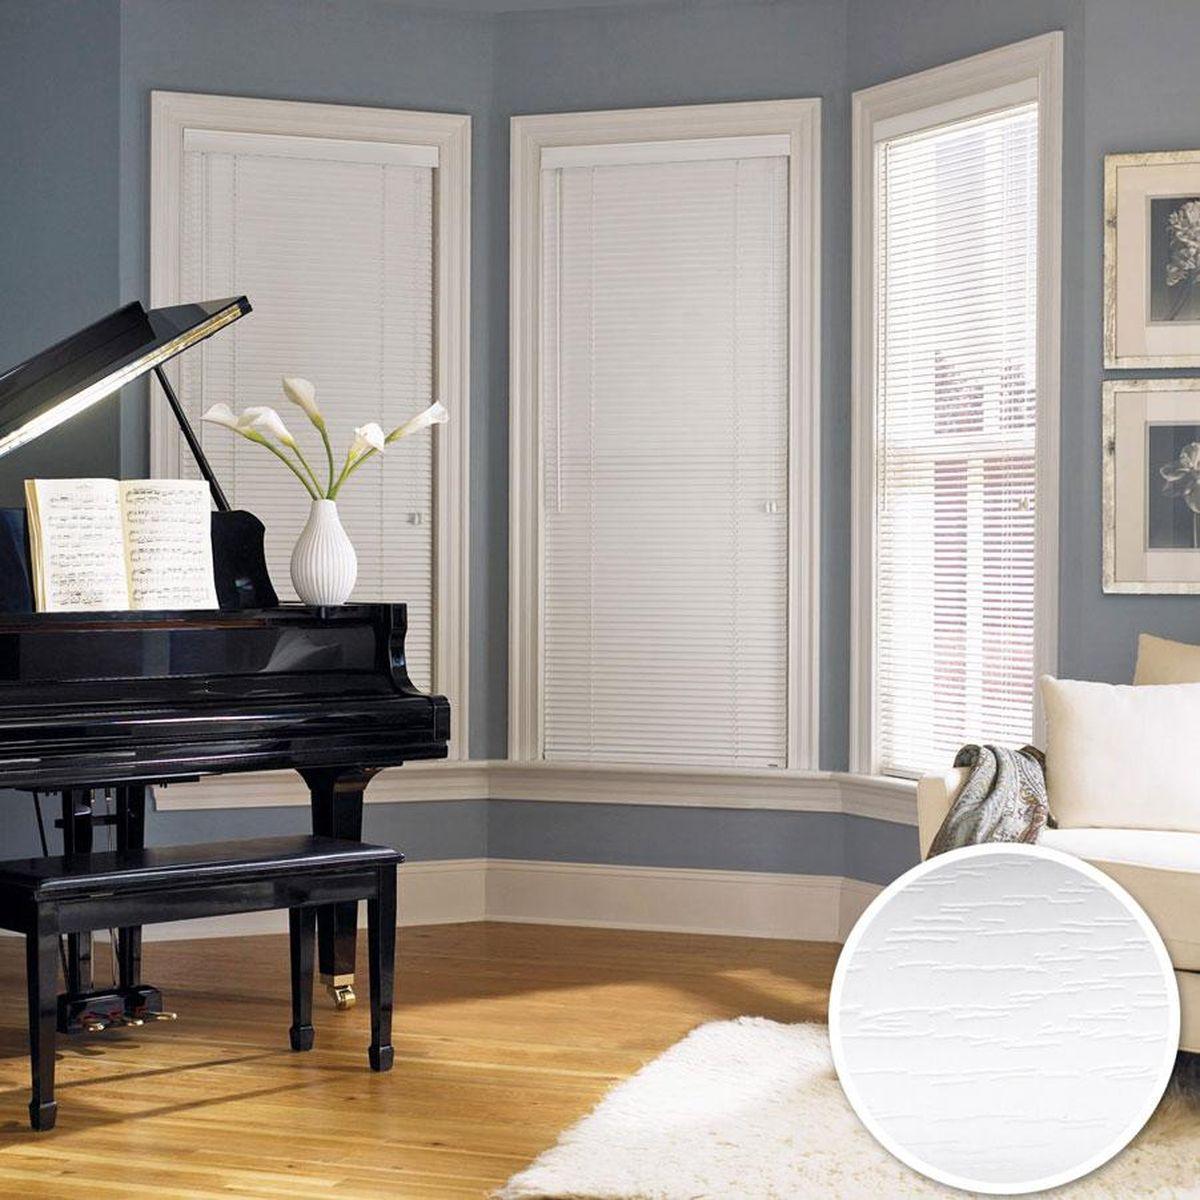 Жалюзи Эскар, цвет: белый, ширина 160 см, высота 160 см61008160160Для того чтобы придать интерьеру изюминку и завершенность, нет ничего лучше, чем использовать жалюзи на окнах квартиры, дома или офиса. С их помощью можно подчеркнуть индивидуальный вкус, а также стилевое оформление помещения. Помимо декоративных функций, жалюзи выполняют и практические задачи: они защищают от излишнего солнечного света, не дают помещению нагреваться, а также создают уют в темное время суток. Пластиковые жалюзи - самое универсальное и недорогое решение для любого помещения. Купить их может каждый, а широкий выбор размеров под самые популярные габариты сделает покупку простой и удобной. Пластиковые жалюзи имеют высокие эксплуатационные характеристики - они гигиеничны, что делает их незаменимыми при монтаже в детских и медицинских учреждениях.